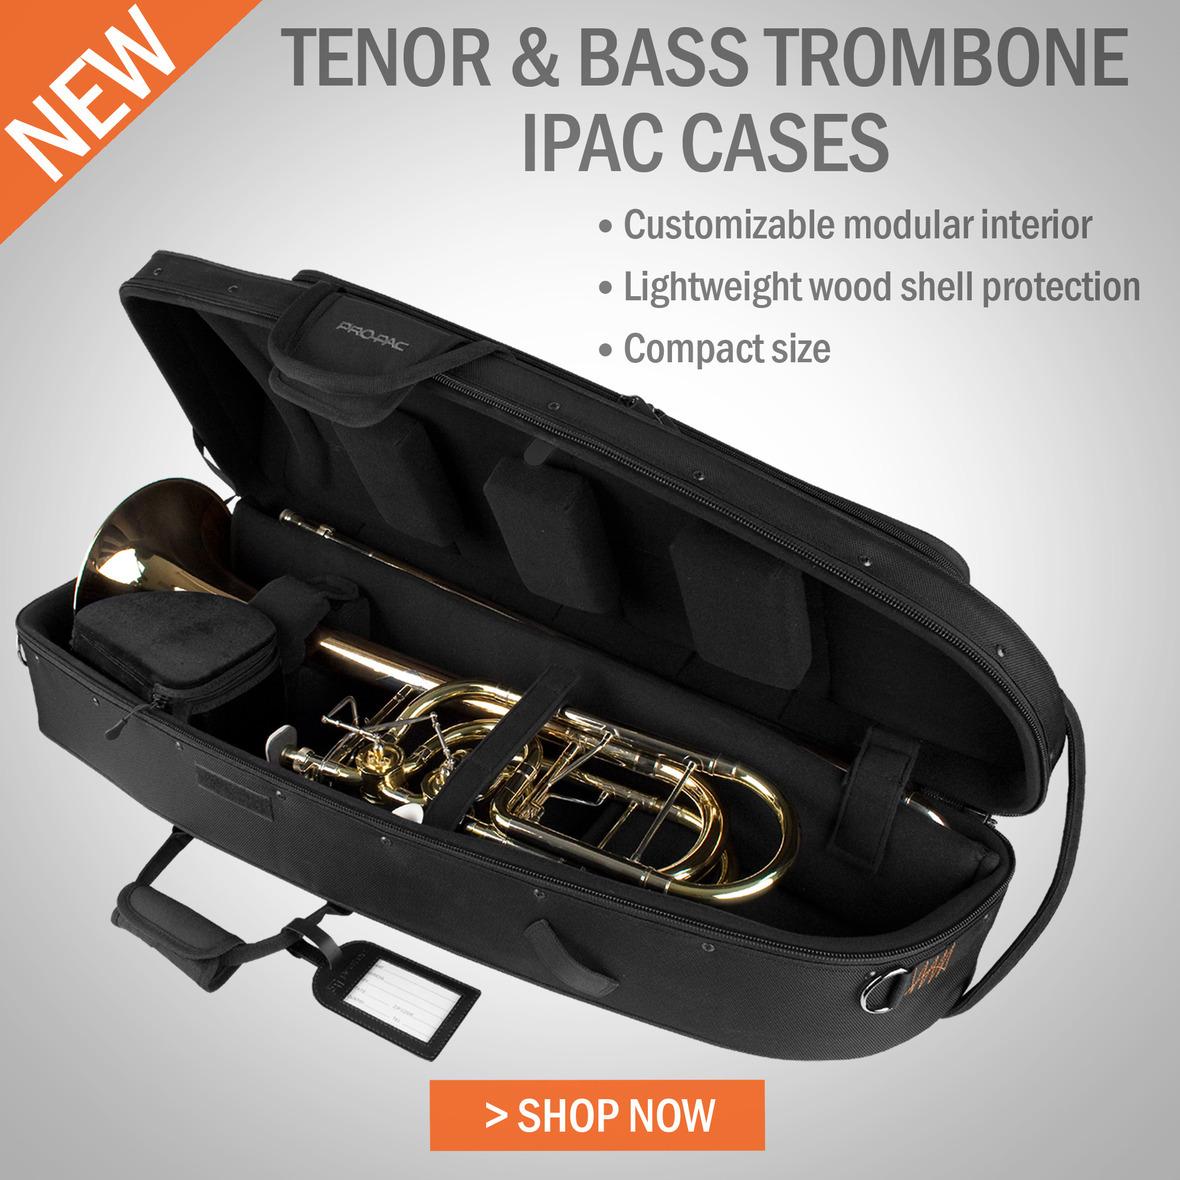 tromboneipac